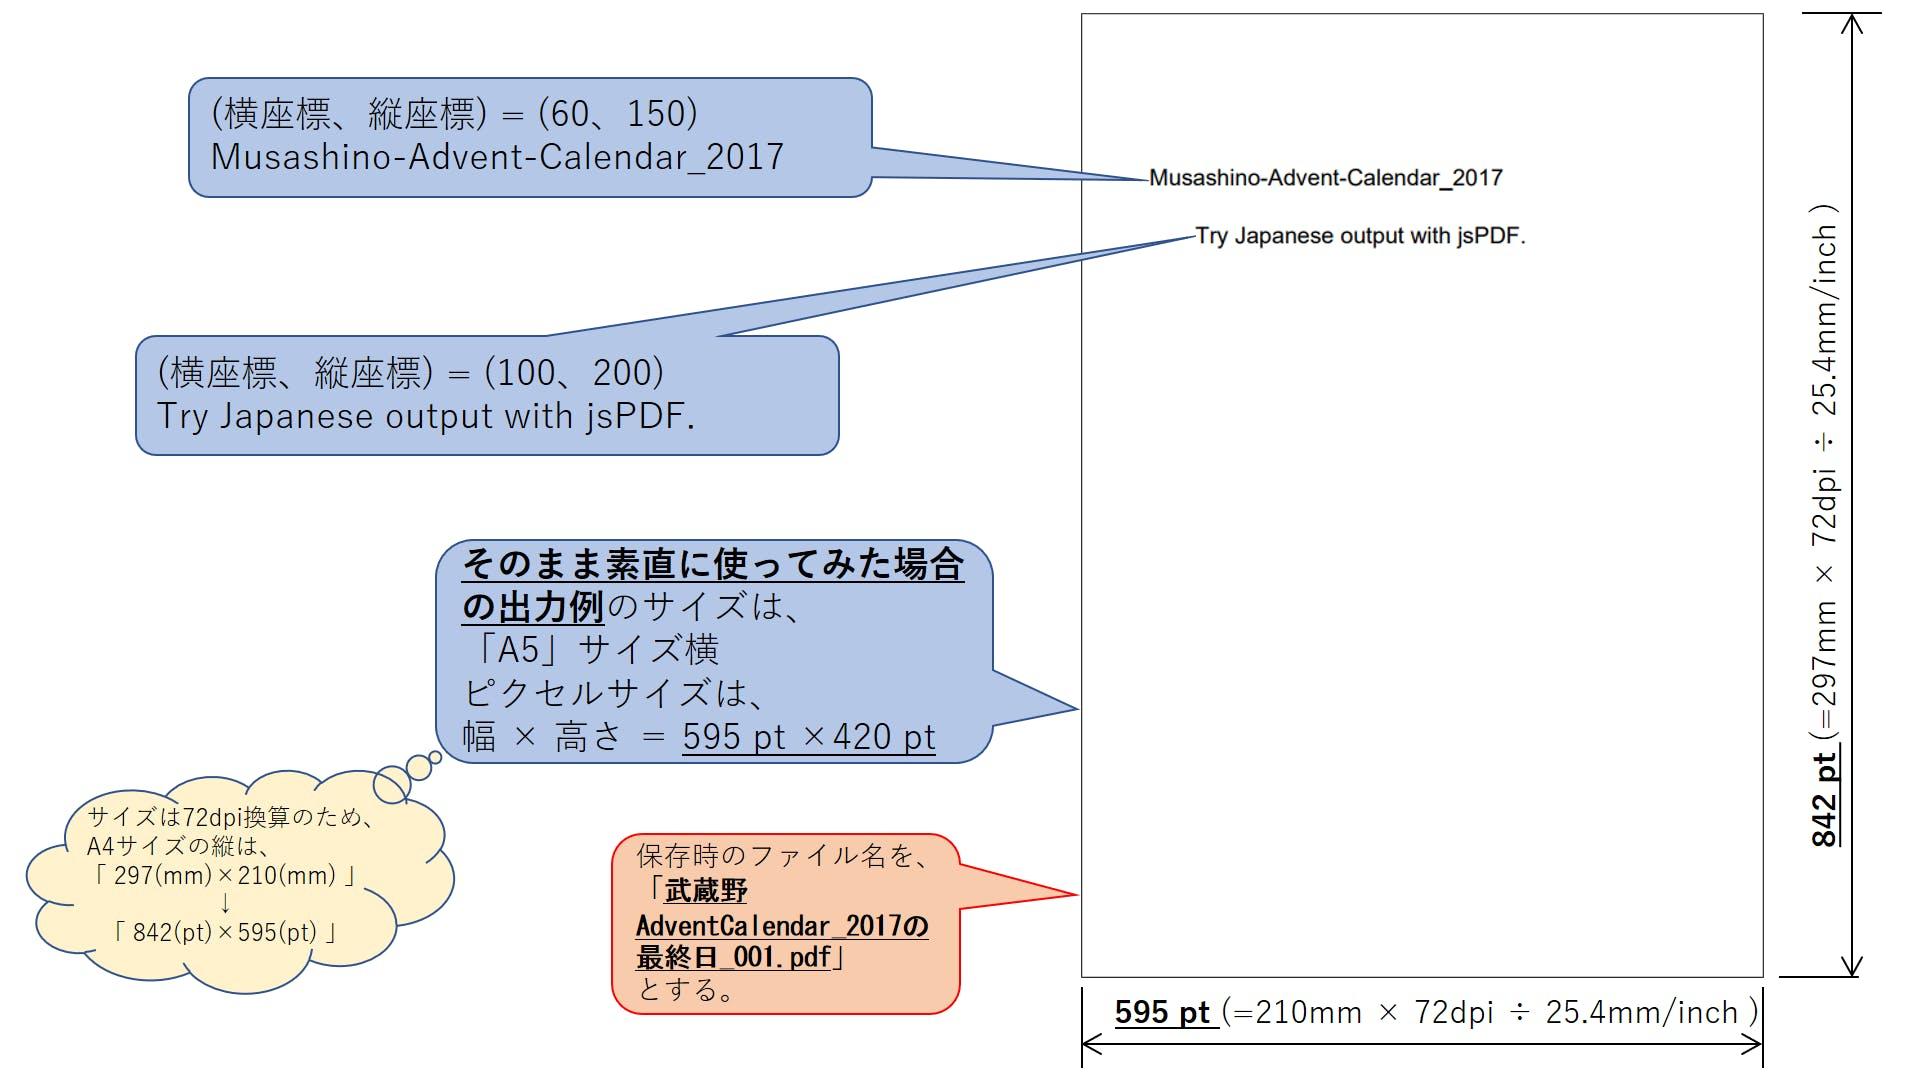 jsPDFで、無理やり日本語出力を行ってみる - Qiita